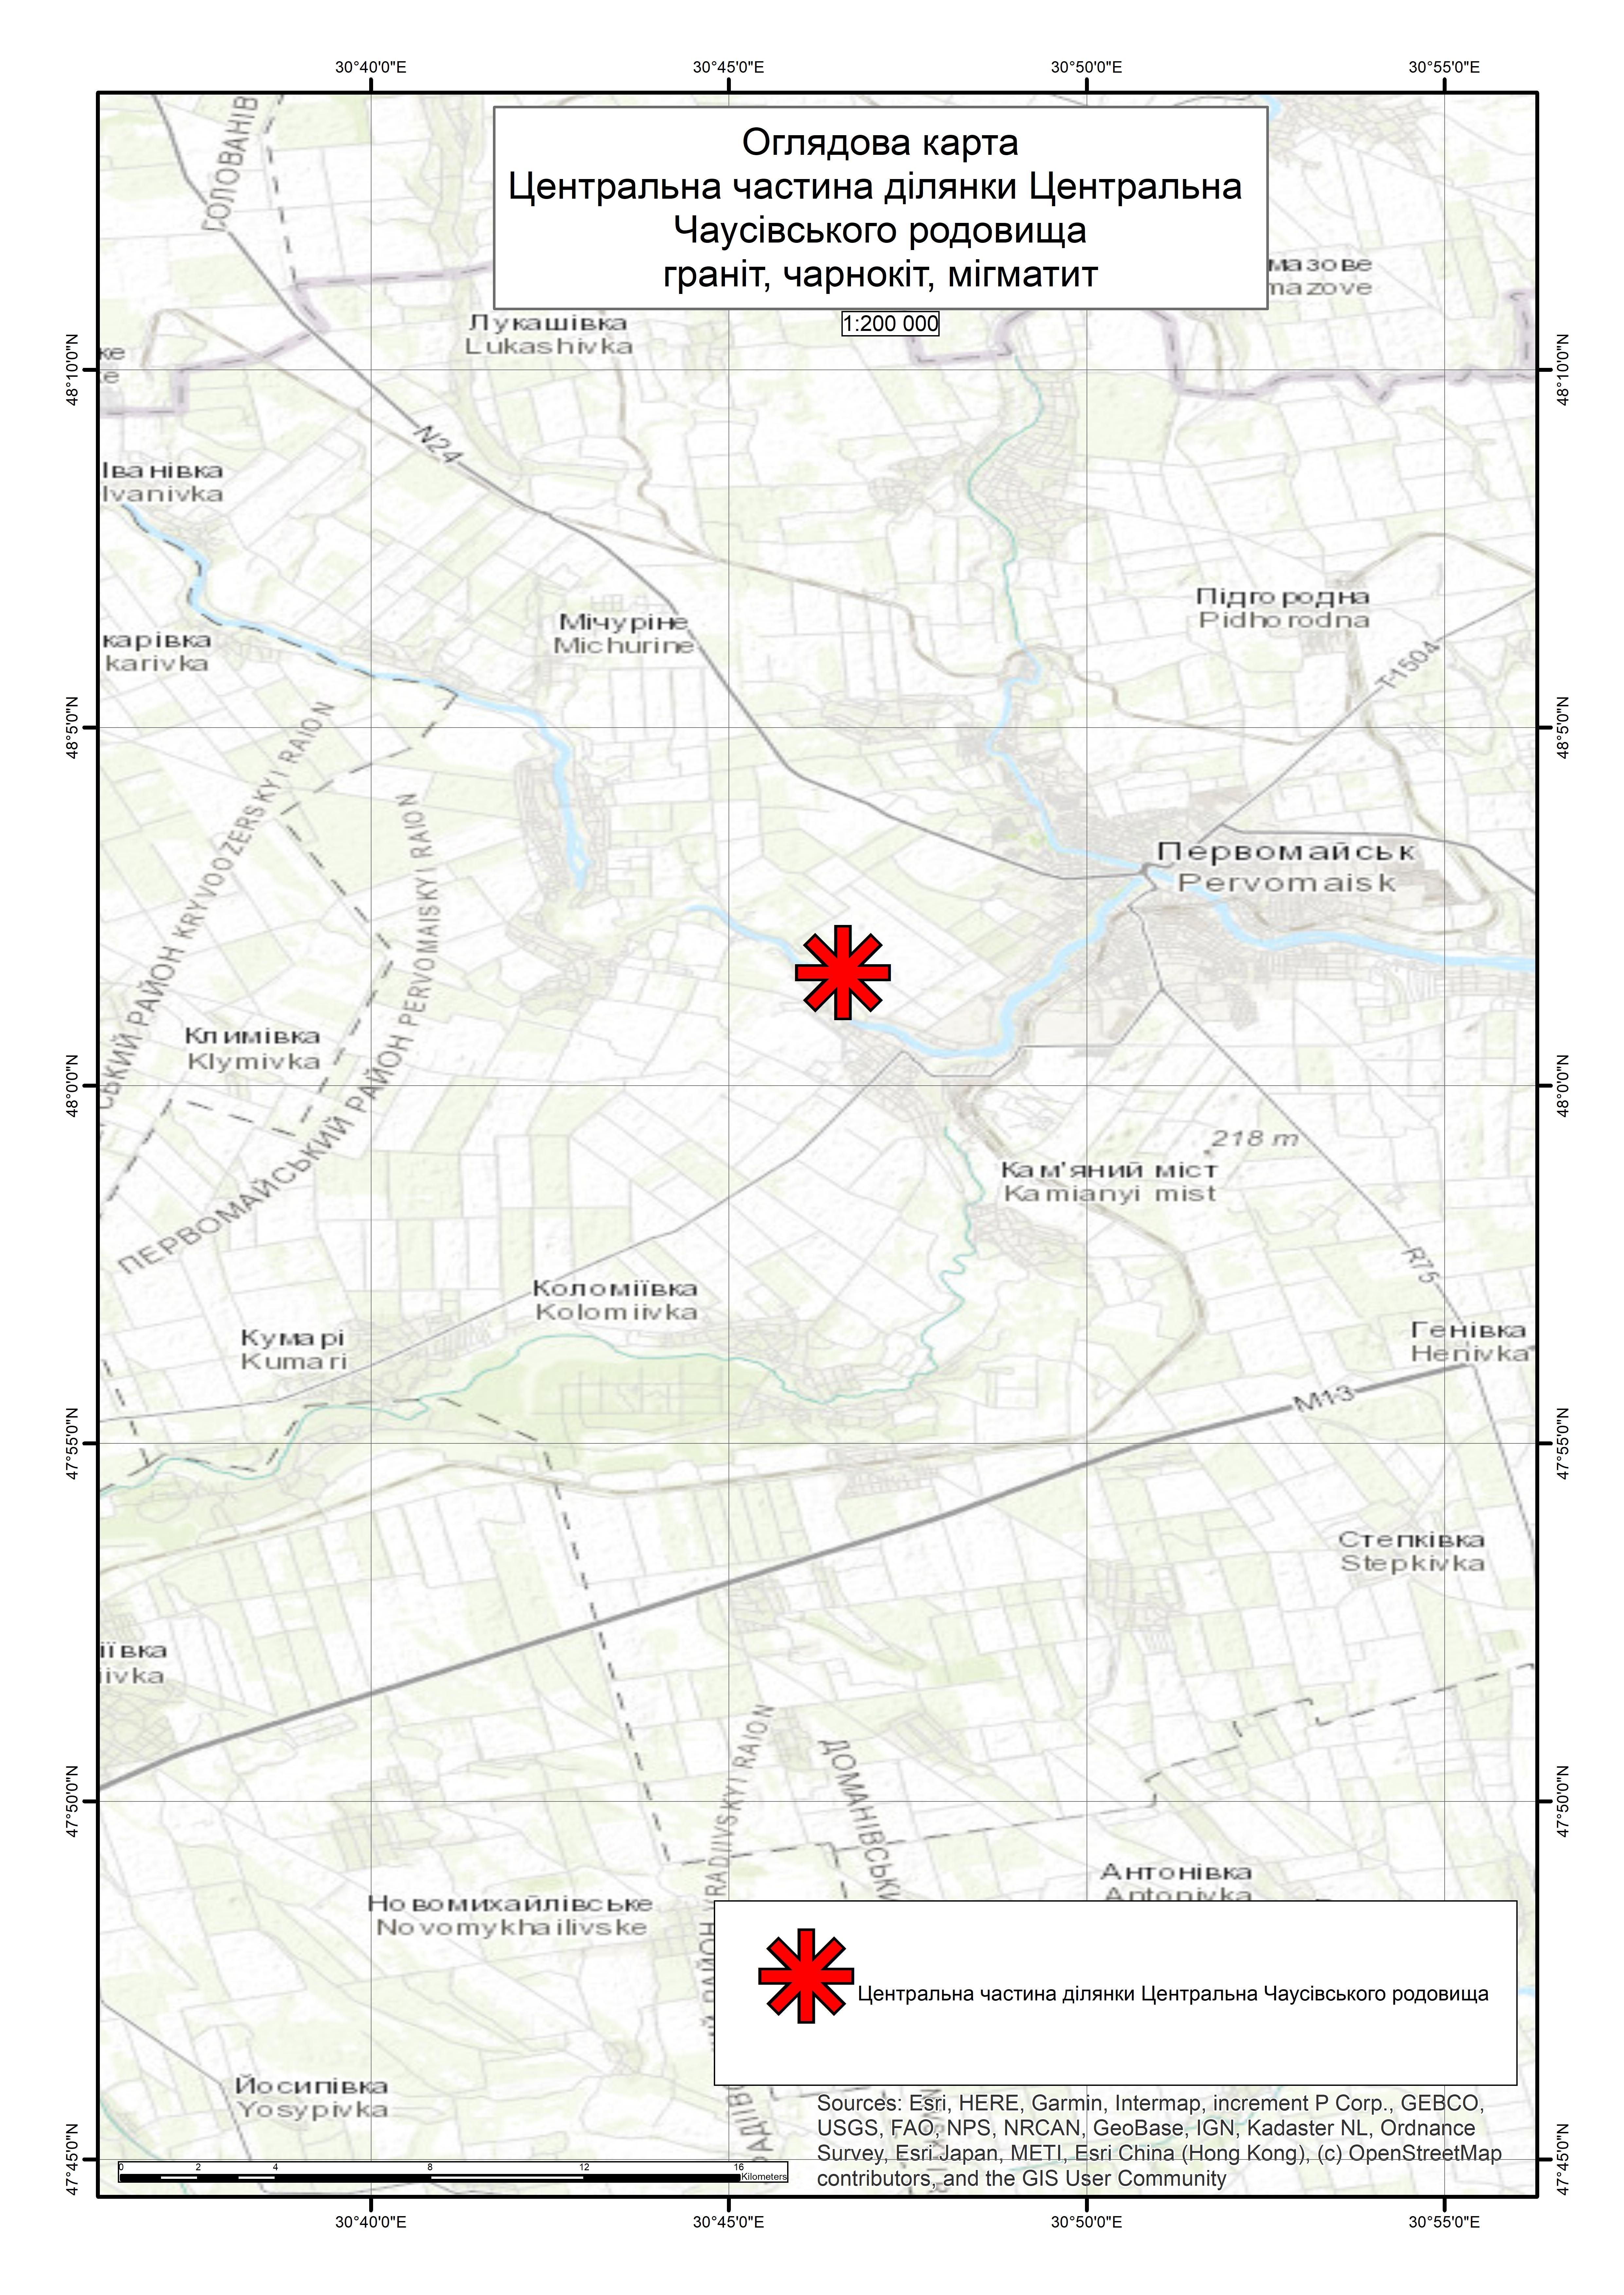 Спеціальний дозвіл на користування надрами – Центральна частина ділянки Центральна Чаусівського родовища. Вартість геологічної інформації – 130 527,29 грн (з ПДВ). Вартість пакету аукціонної документації – 72 550 грн (з ПДВ).